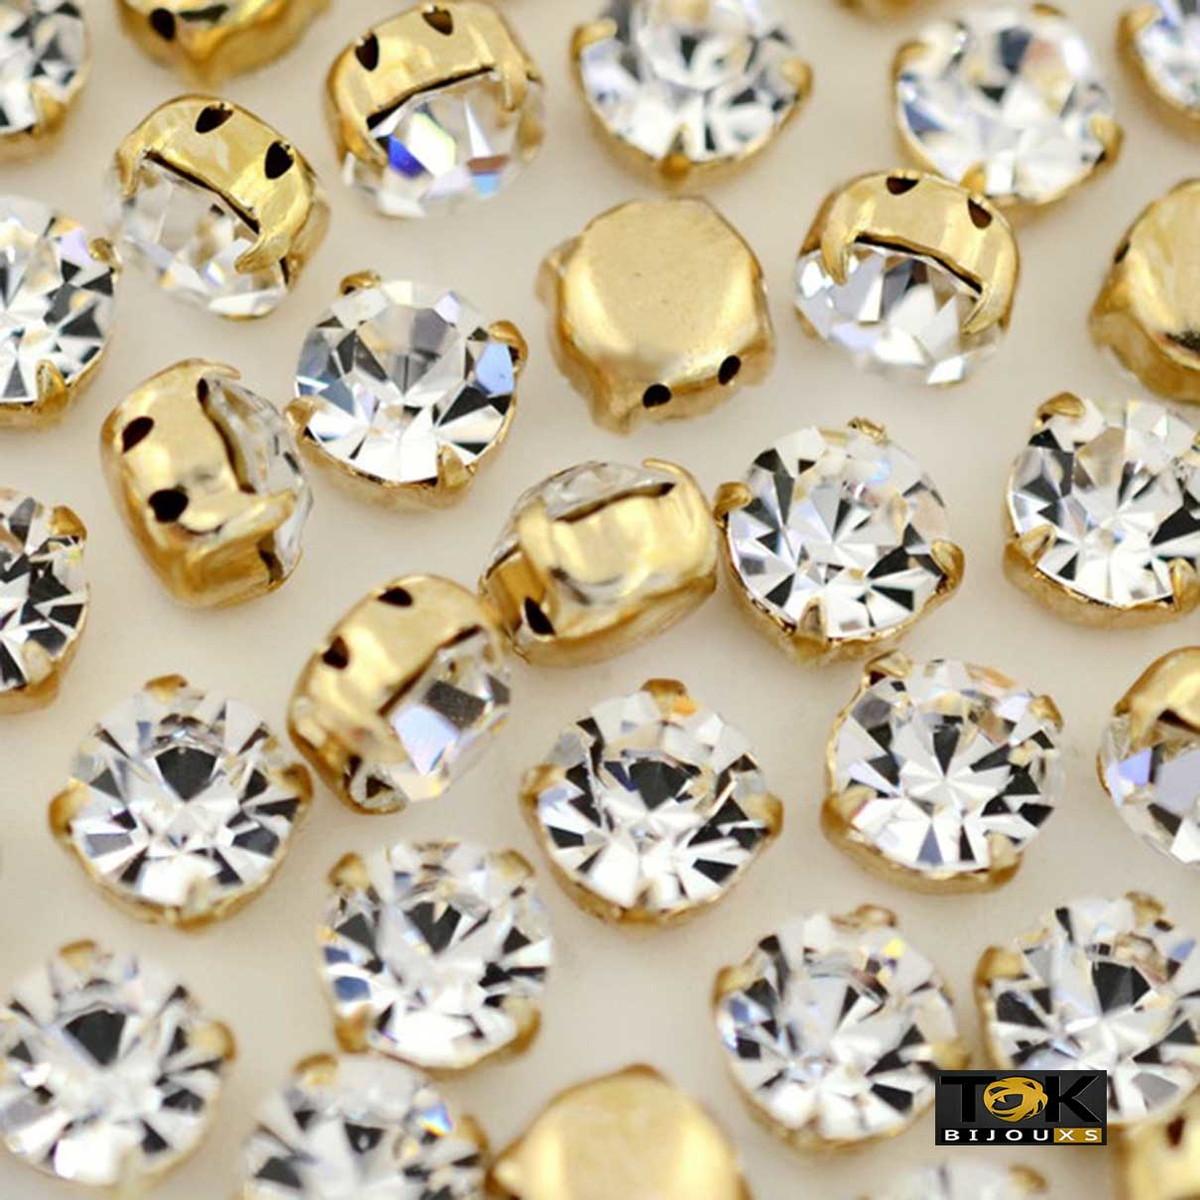 Atacado - Strass Costura Dourado Cristal - SS24 / 5mm 1.440Un